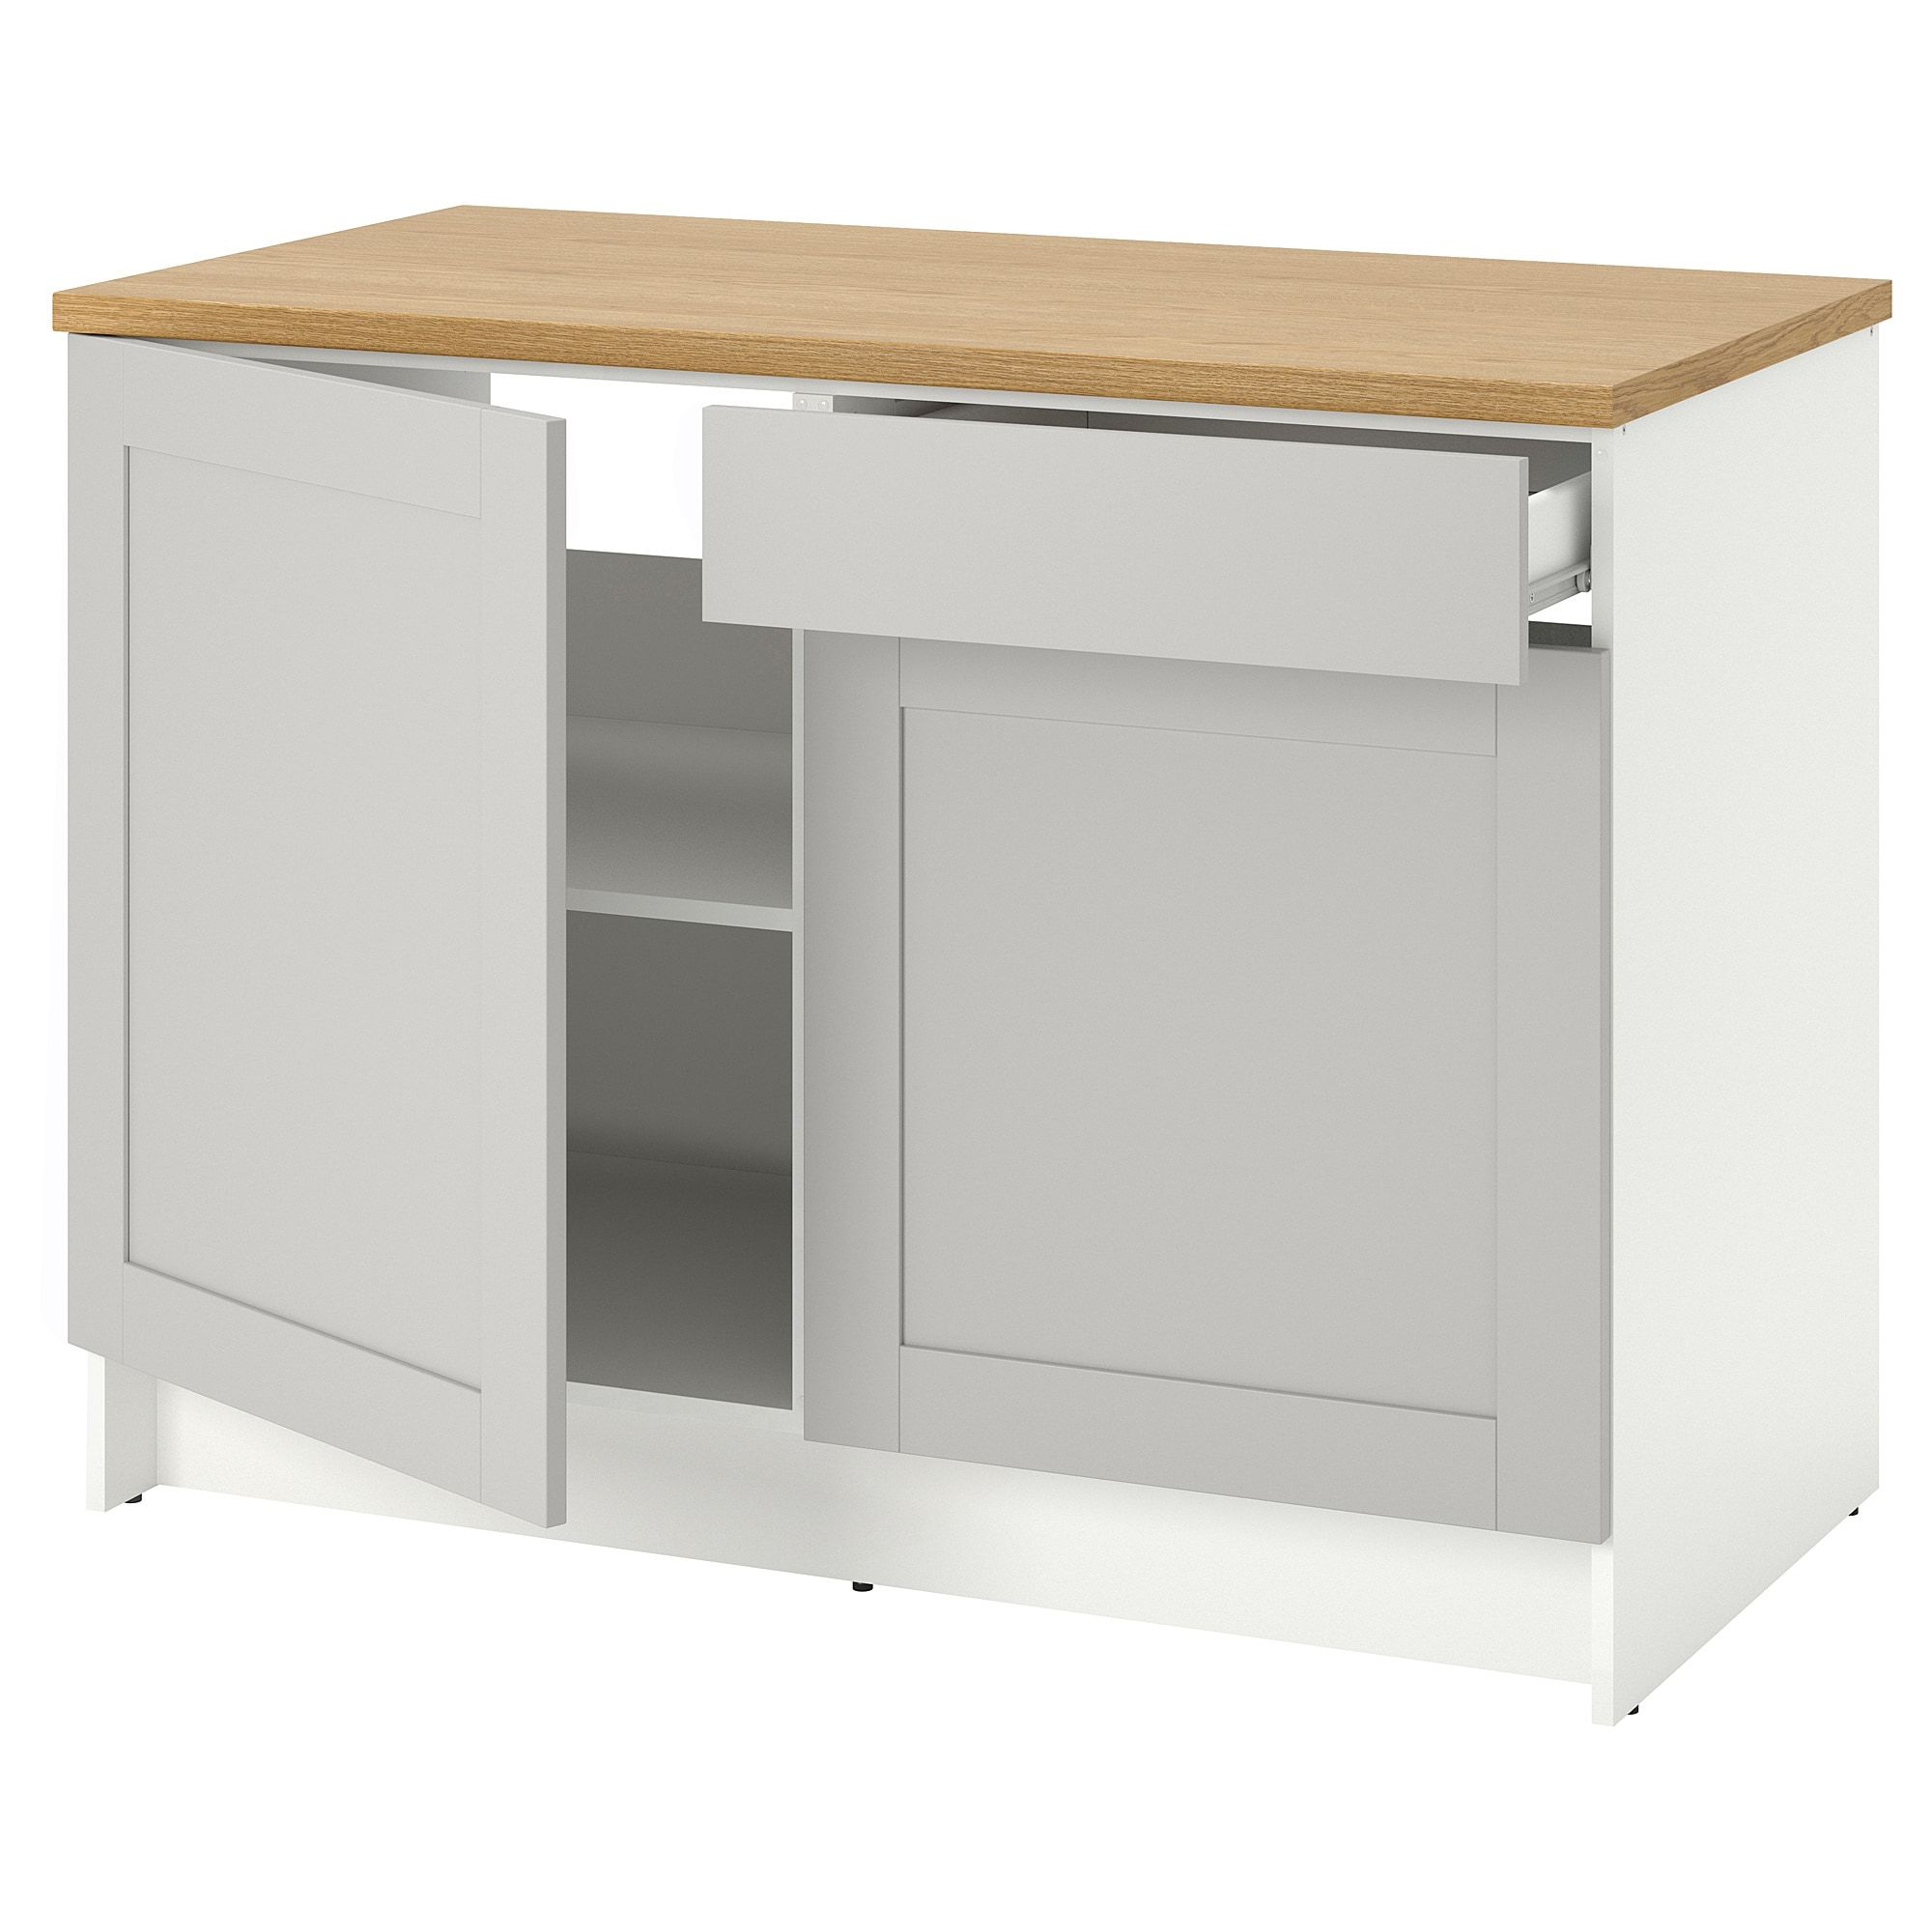 Full Size of Knoxhult Unterschrank Mit Tren Schublade Grau Ikea Sterreich Modulküche Miniküche Küche Kosten Betten 160x200 Sofa Schlaffunktion Kaufen Bei Wohnzimmer Miniküchen Ikea